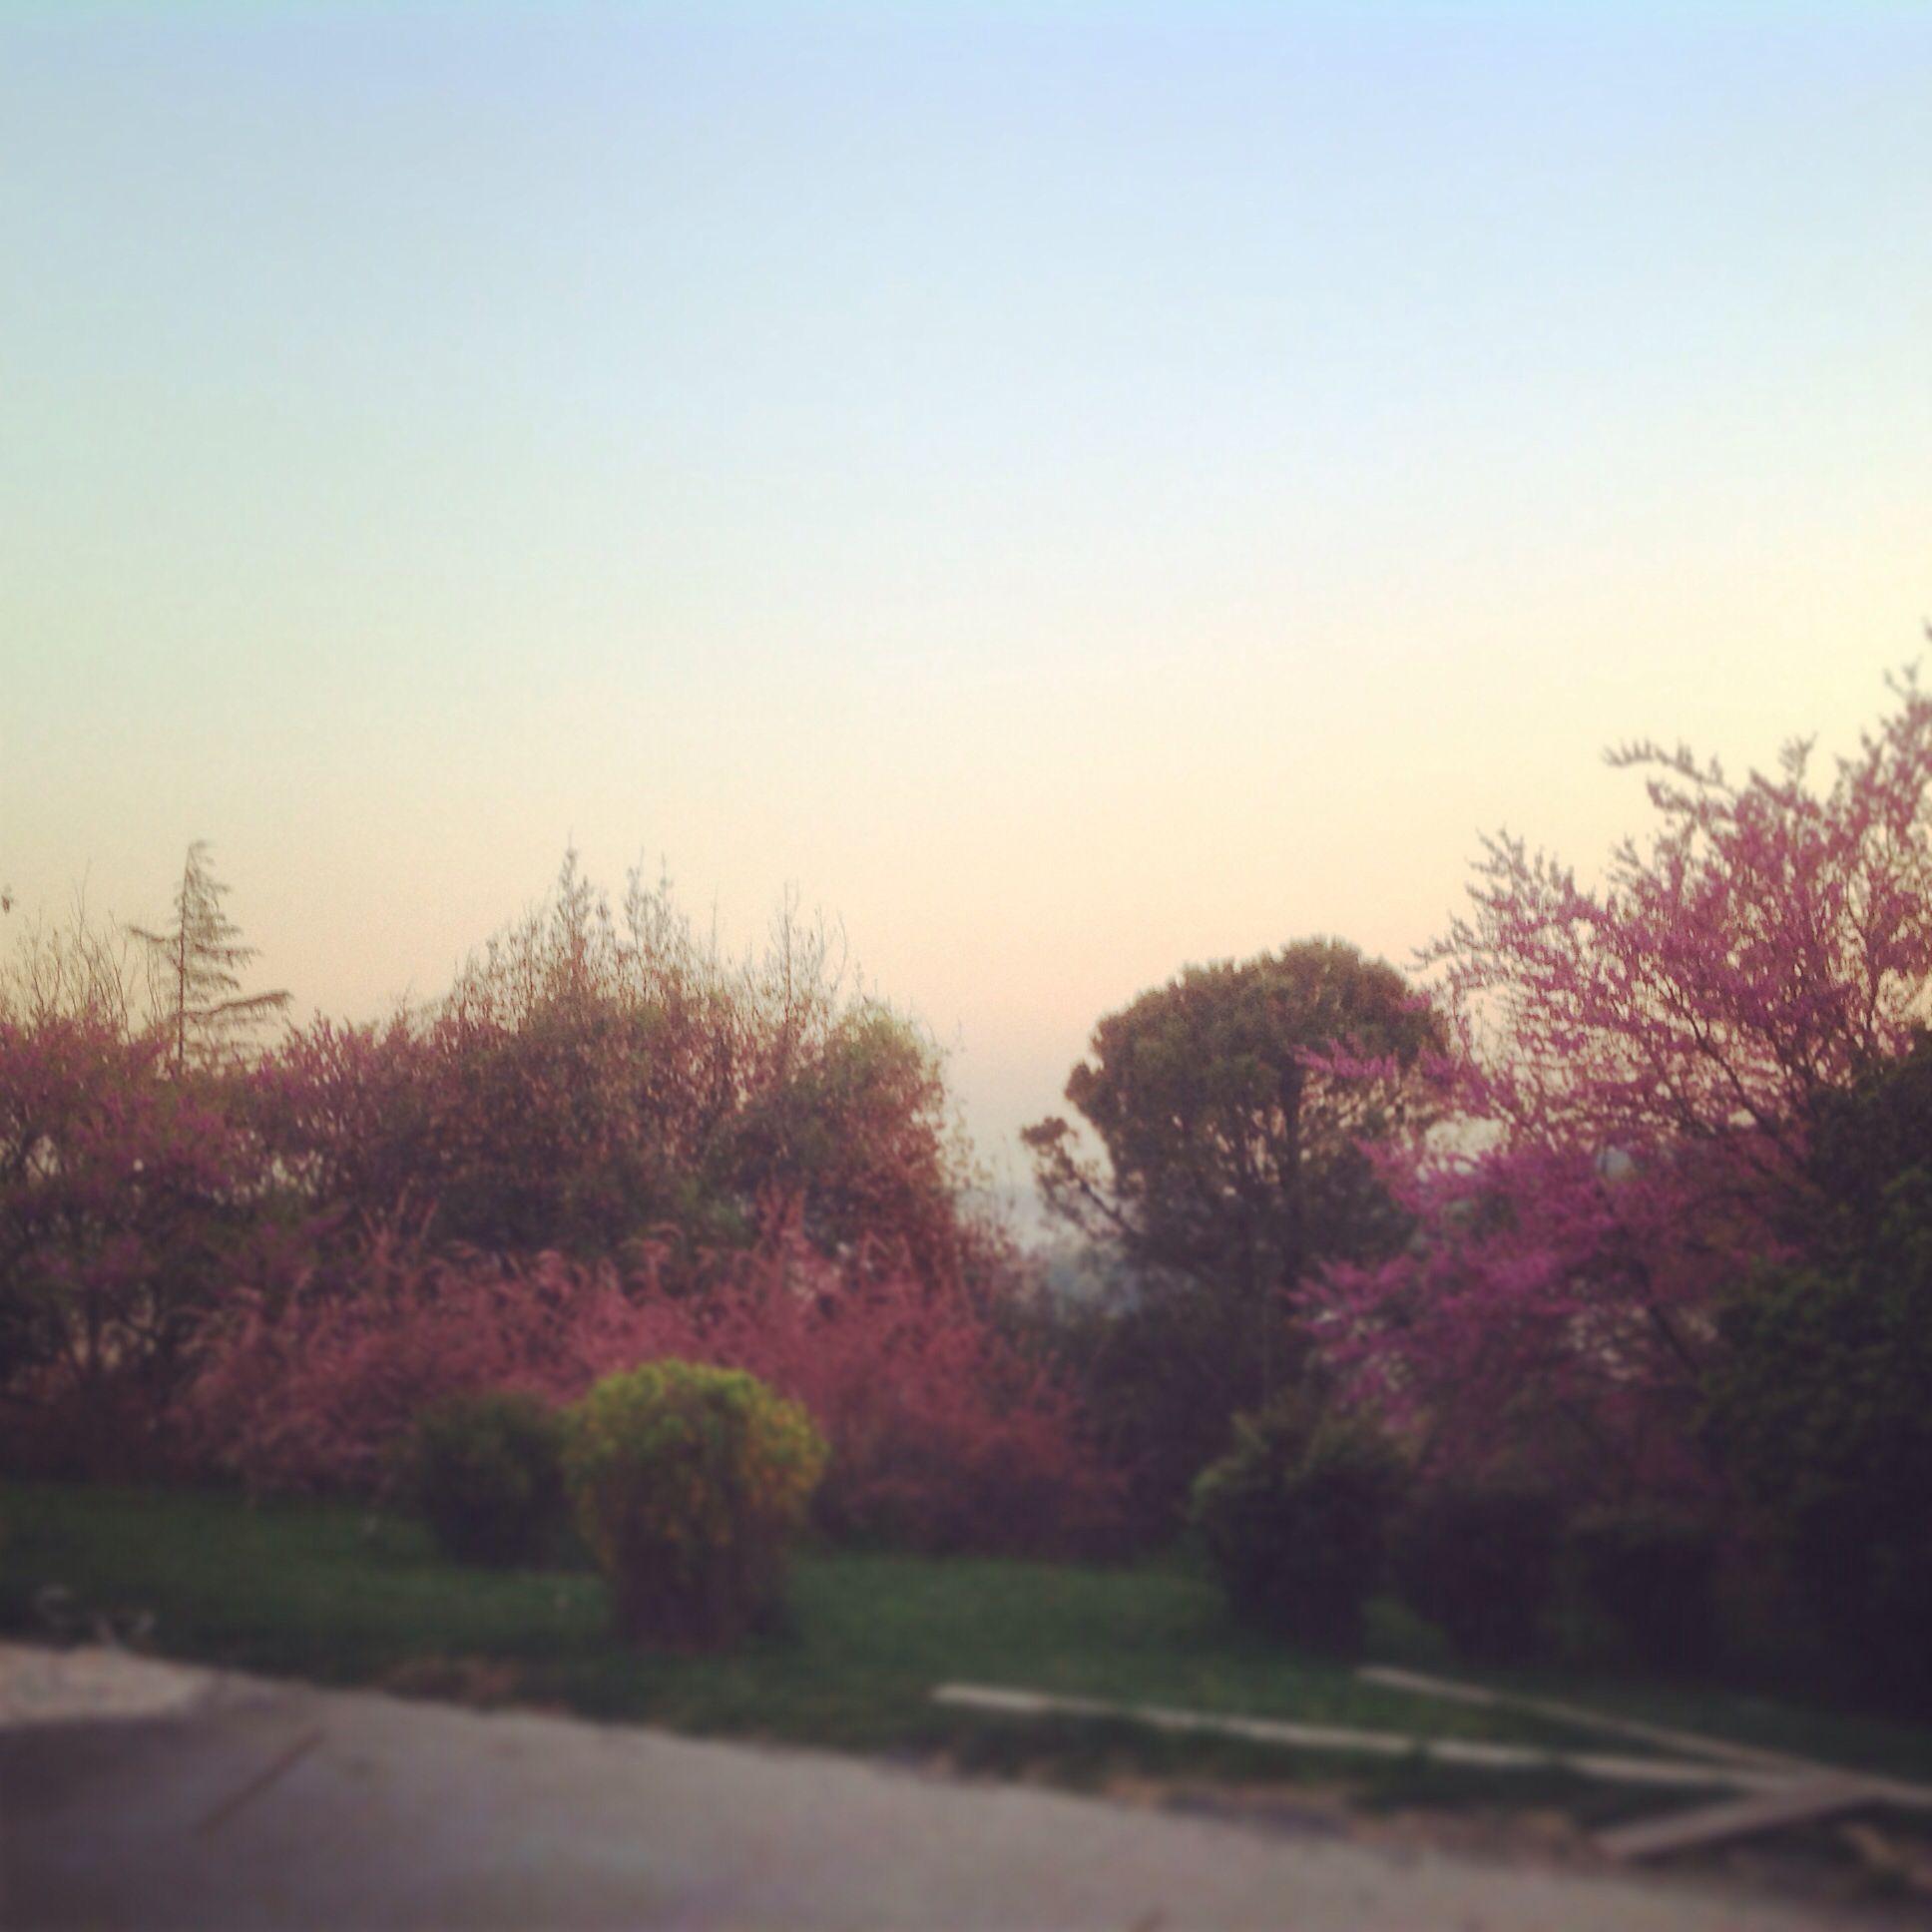 #sunset in #bogaziciuniversity #bosphorus #pinksky